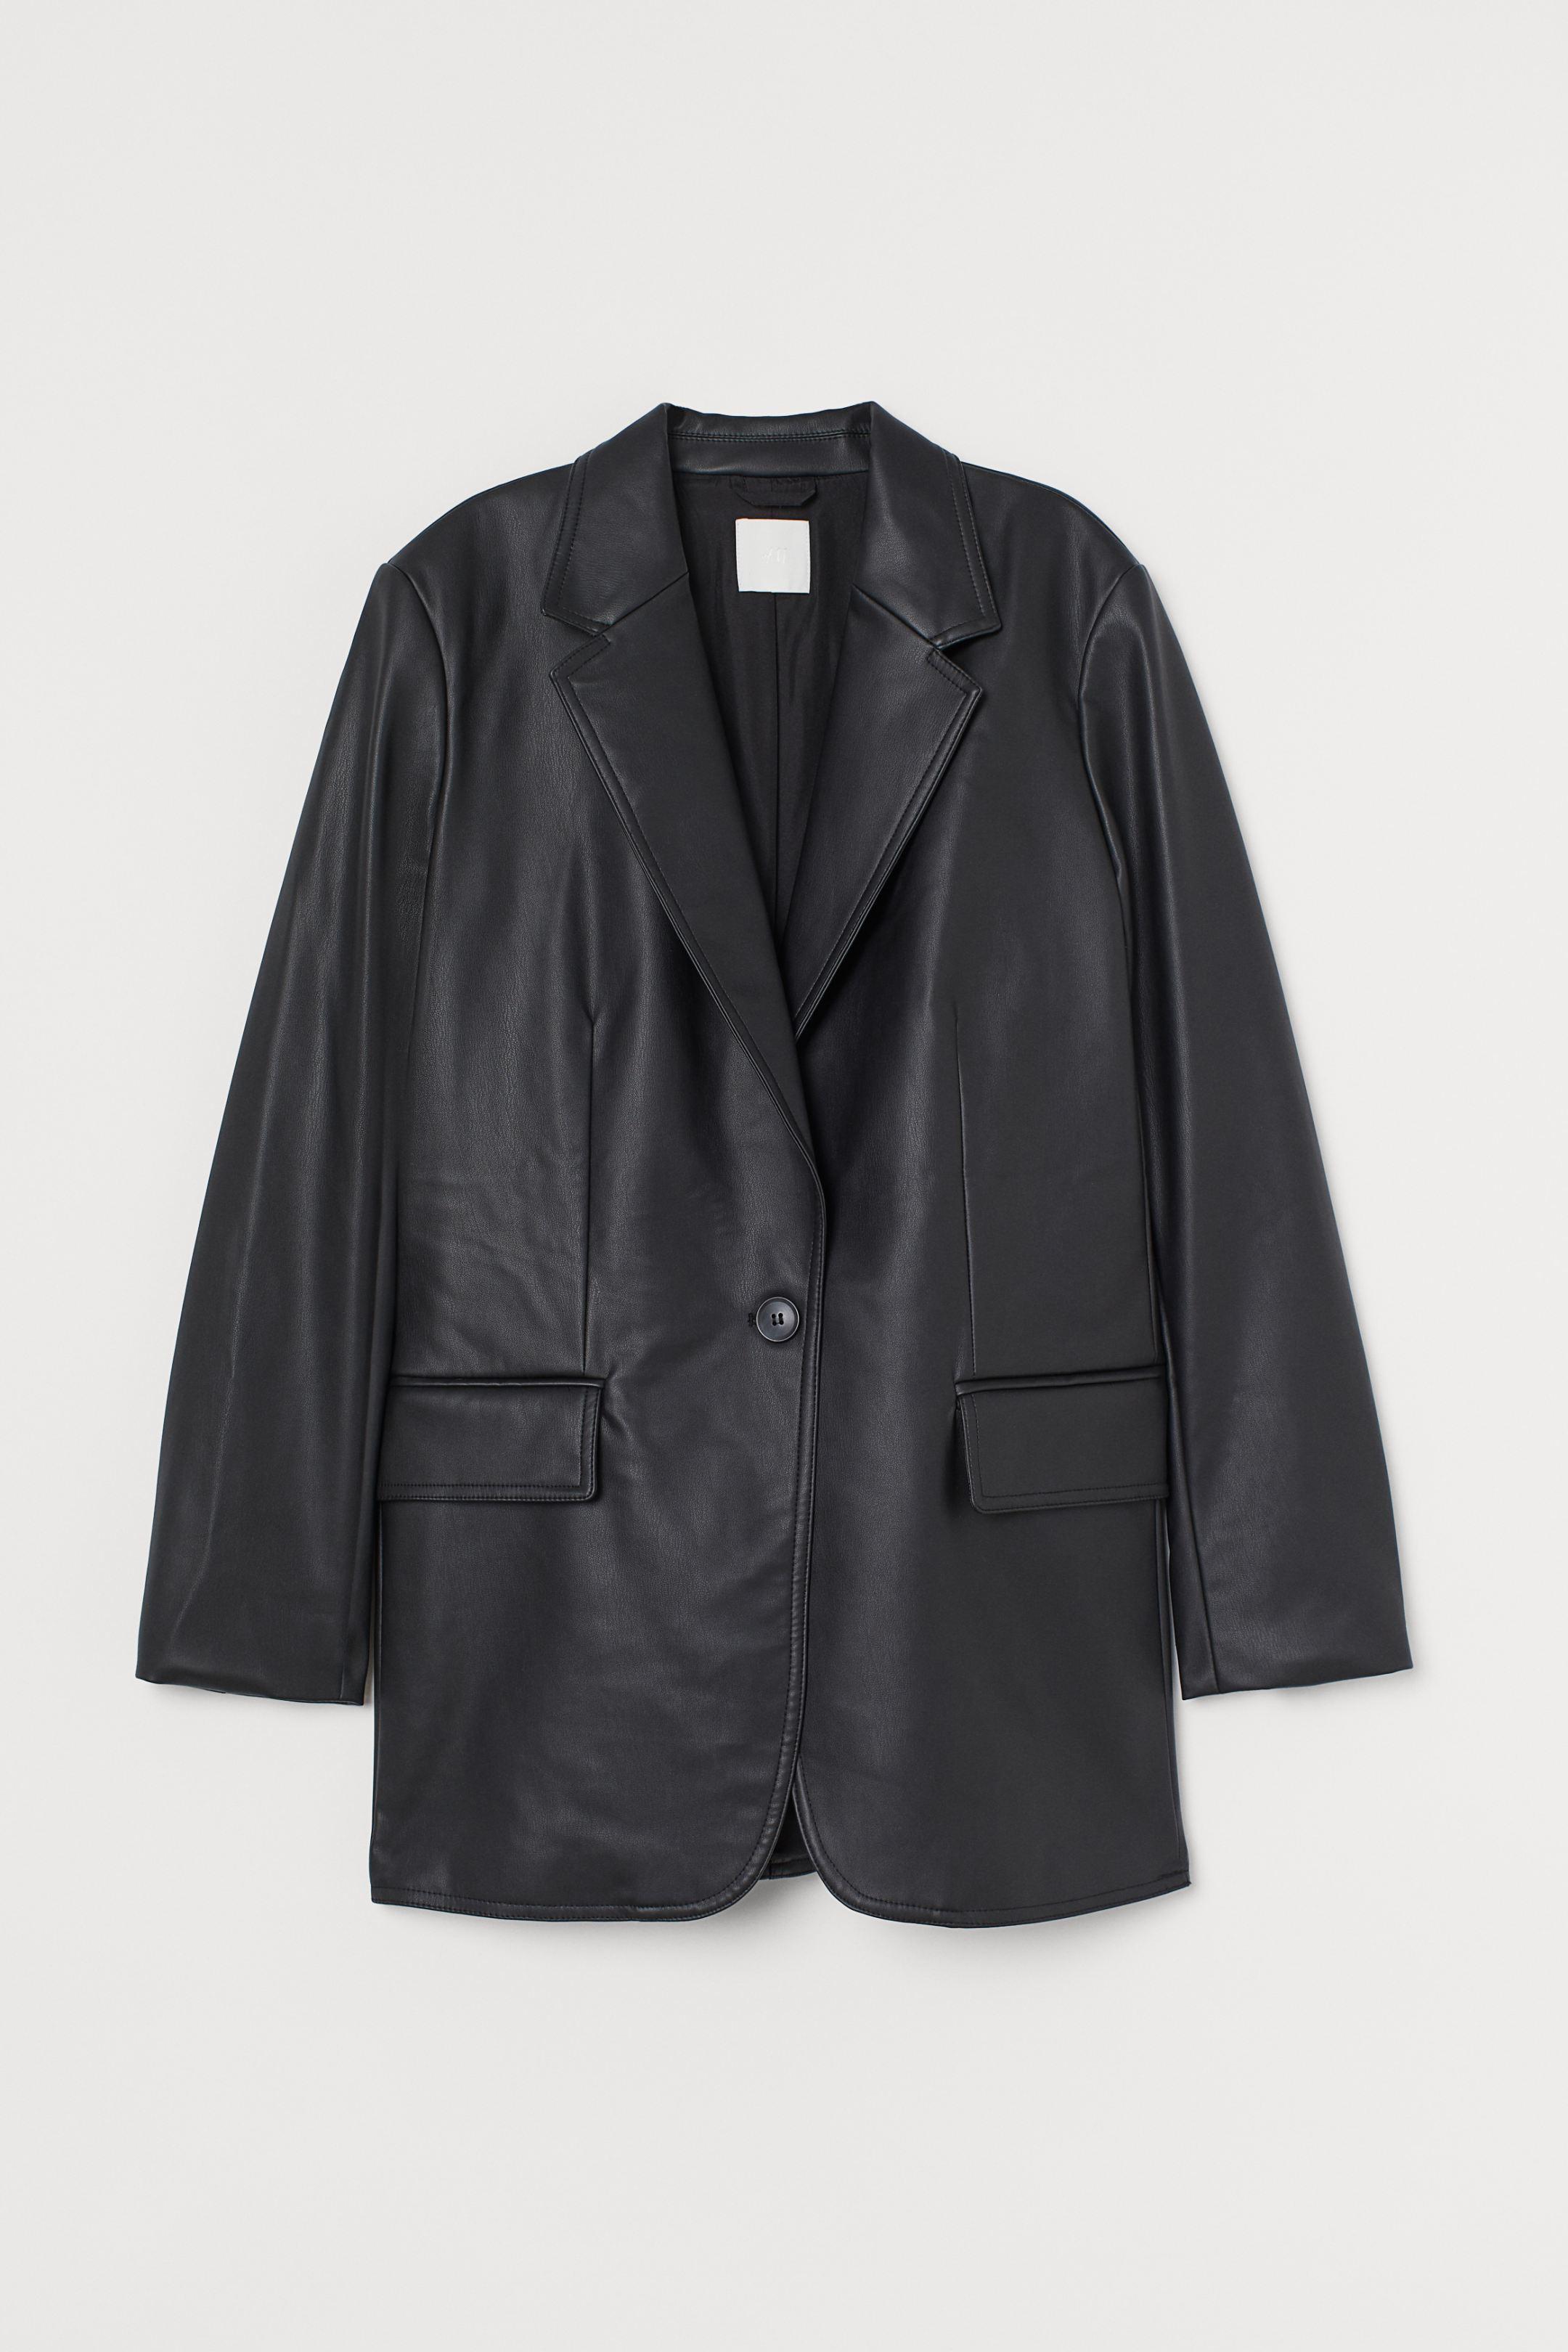 Americana oversize en piel sintética con solapas de muesca, cierre de un botón y bolsillos delanteros con solapa. Forro en tejido de poliéster reciclado.